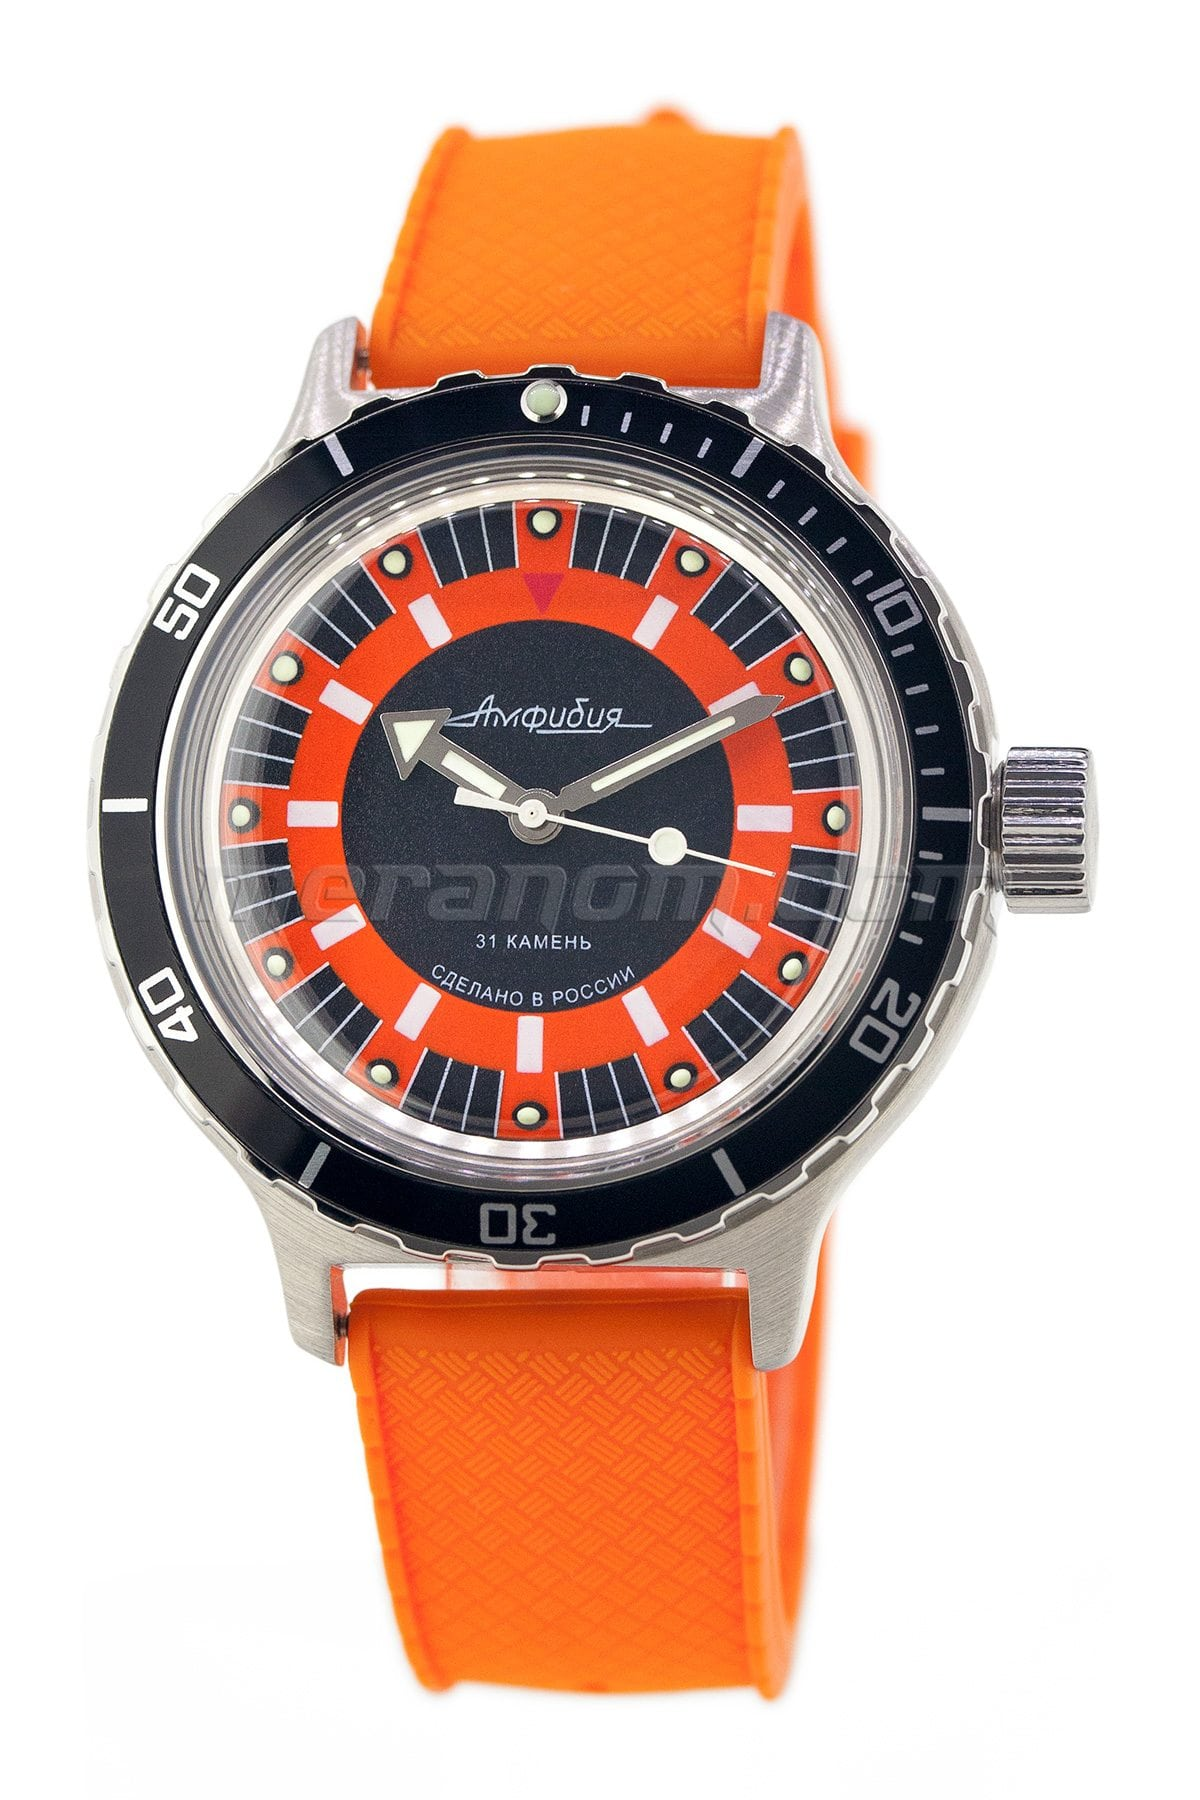 Le bistrot Vostok (pour papoter autour de la marque) - Page 7 Vostok_Amphibia_SE420B04-01-max-1800